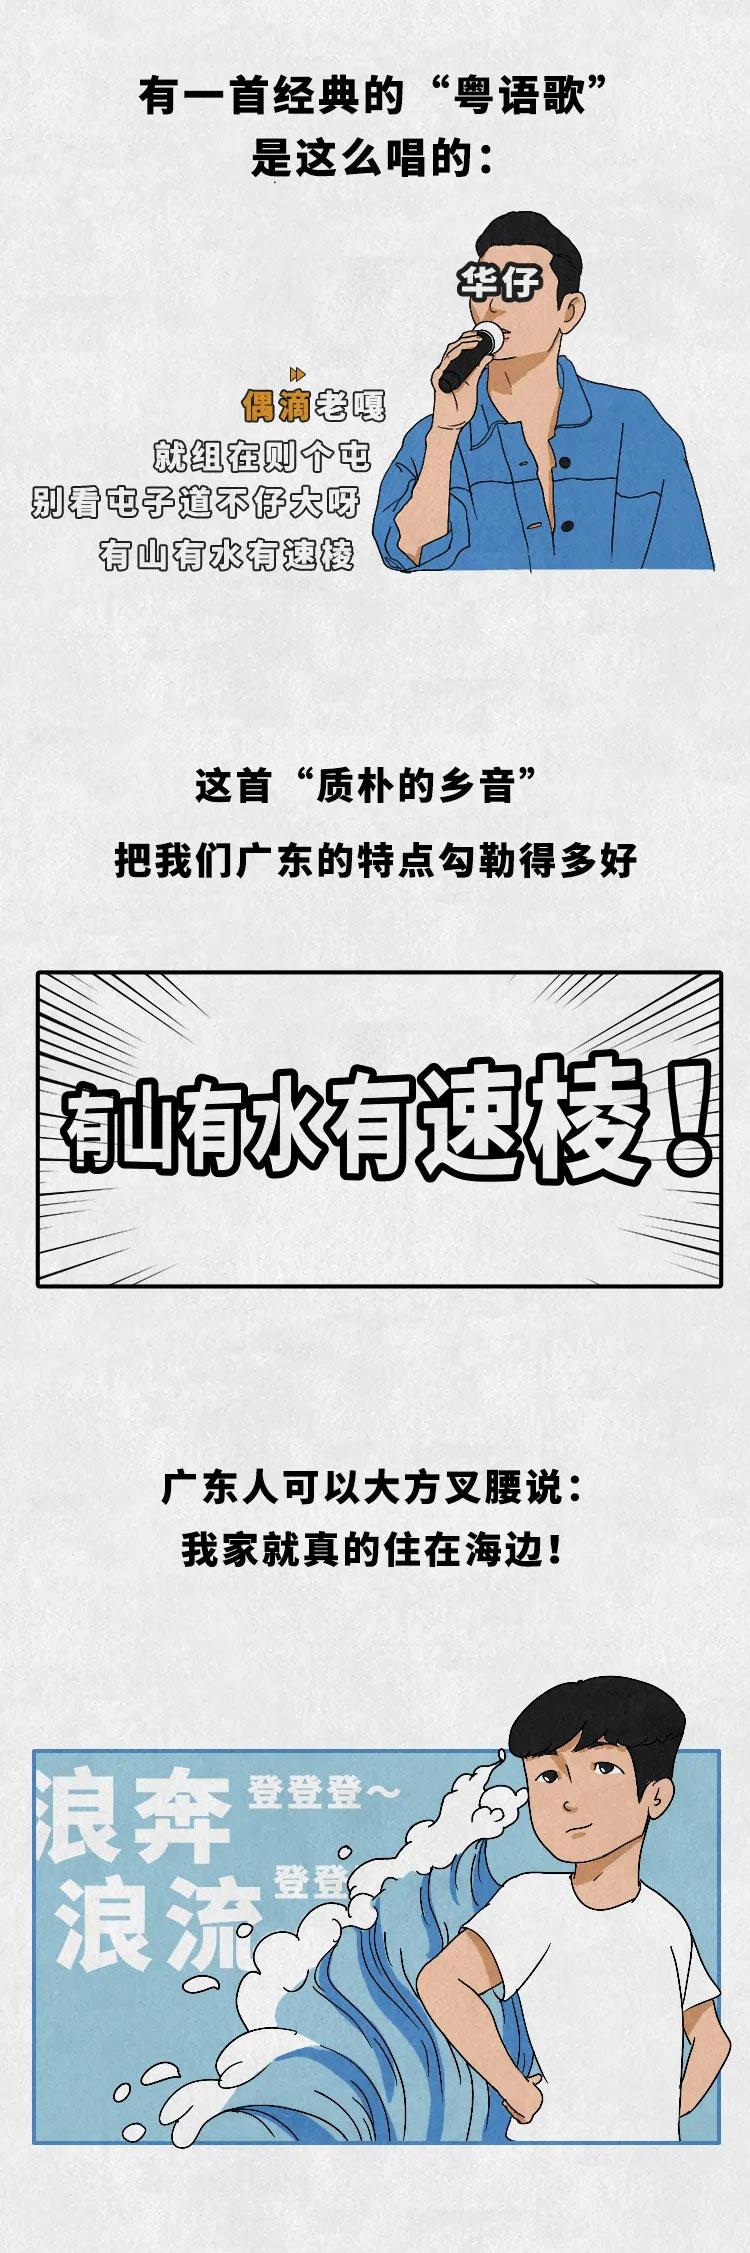 广东环境我来吹,冲鸭广东环境2